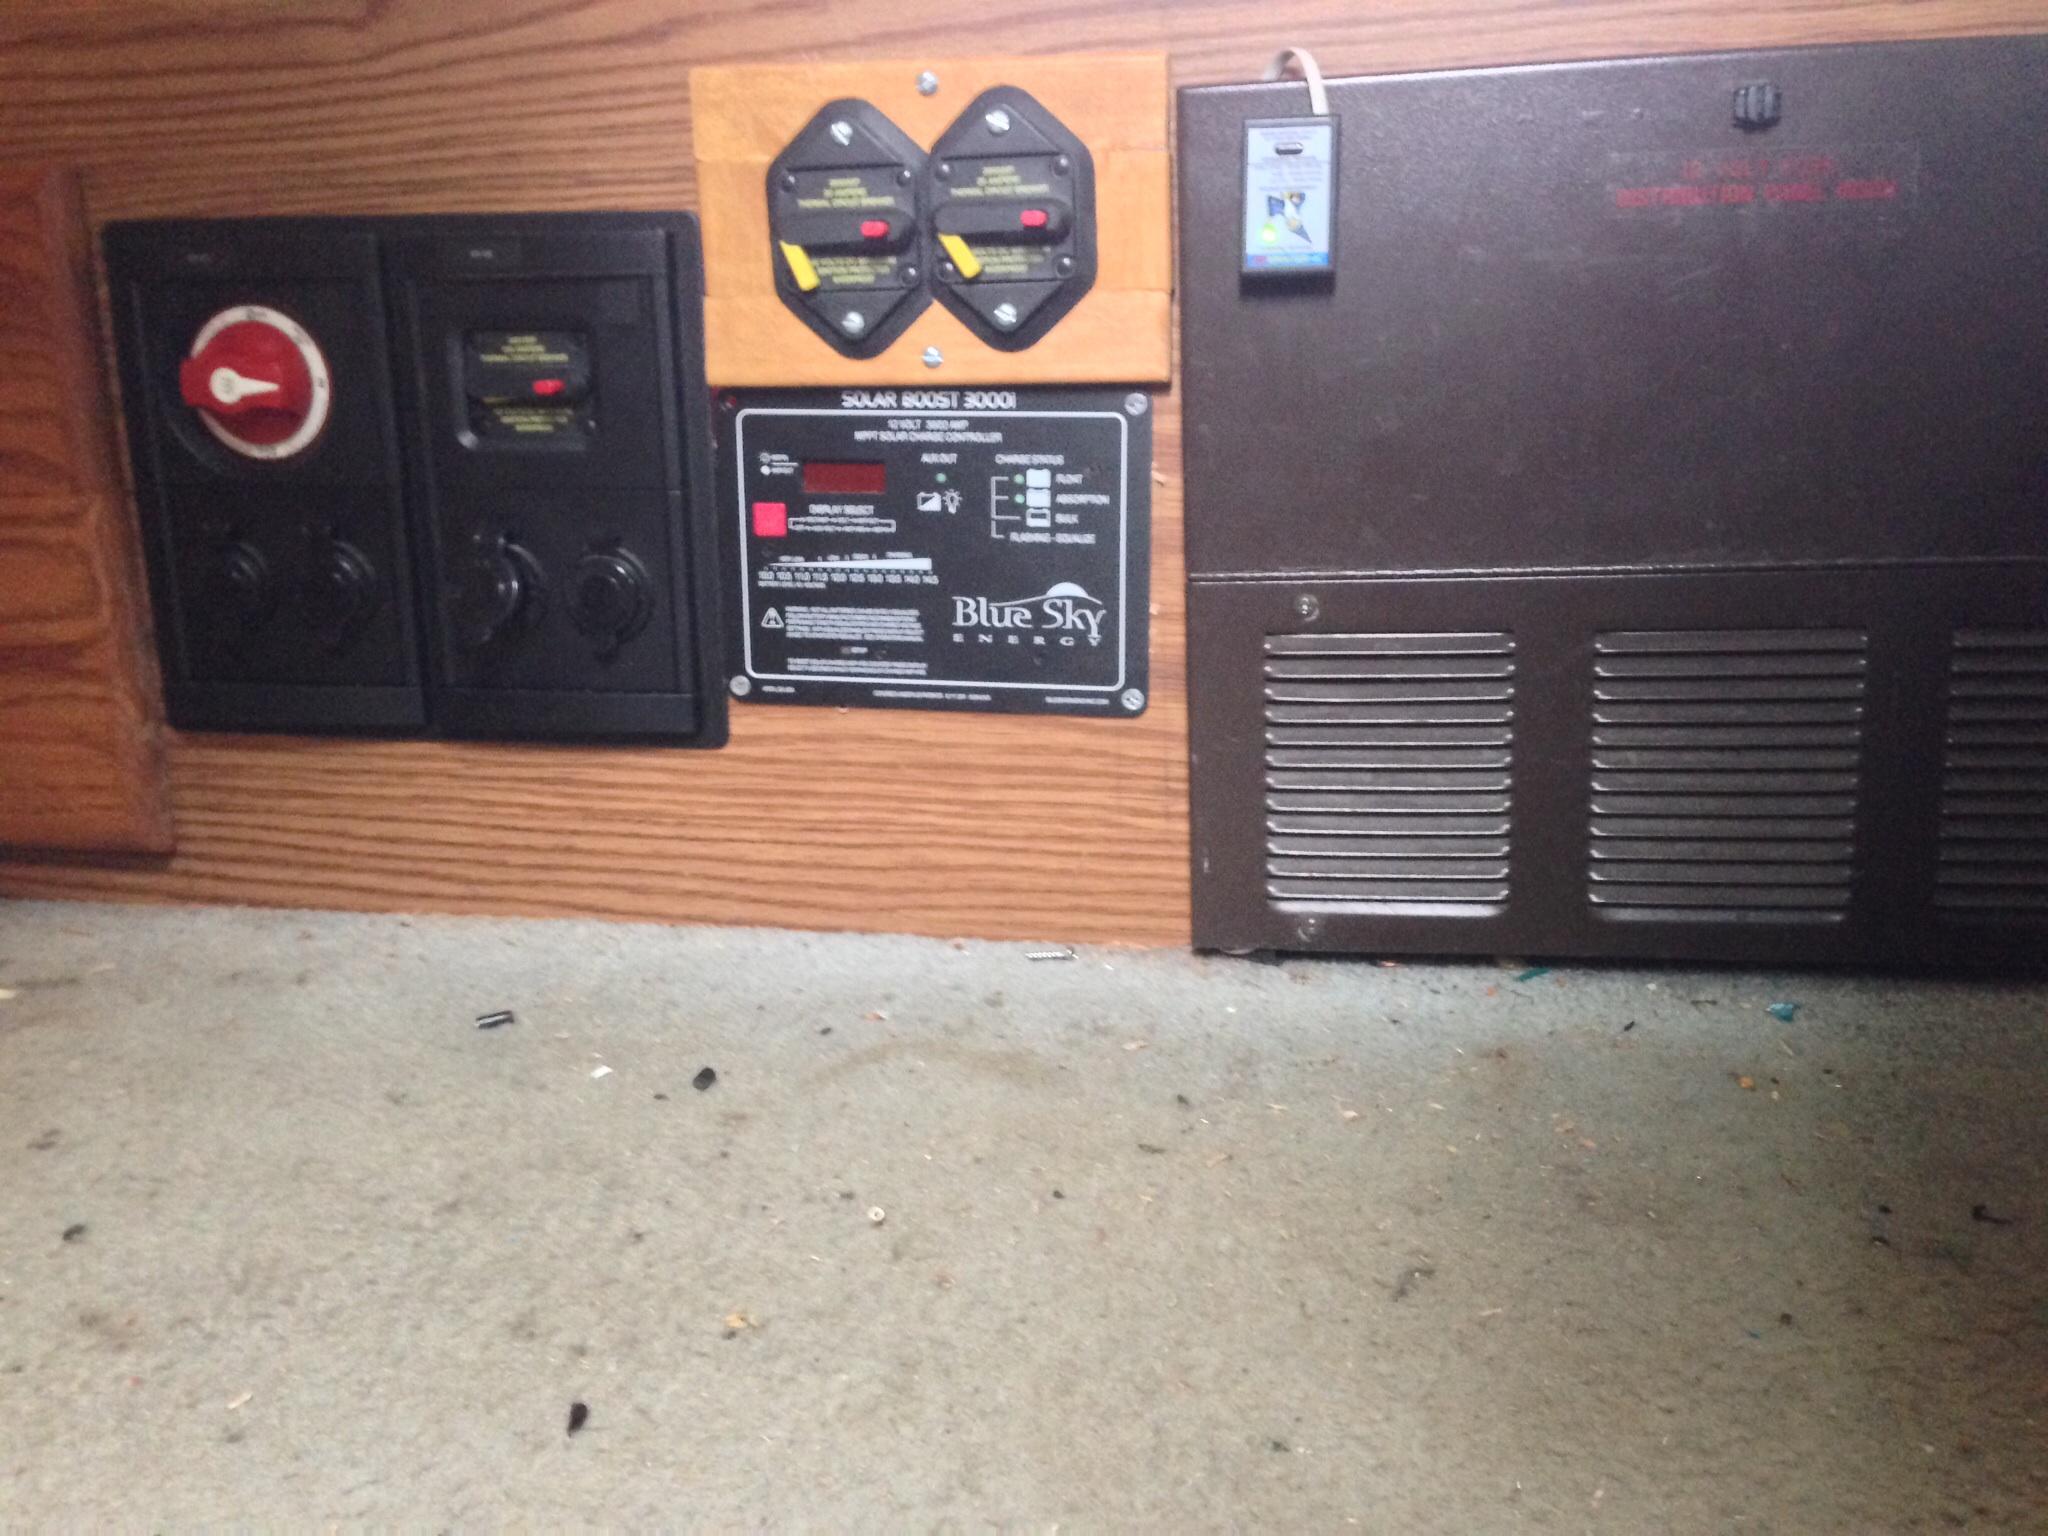 Bat Wiring Concrete Walls on concrete drywall, concrete mirrors, concrete connections, concrete doors, concrete audio, concrete pipes, concrete components, concrete accessories, concrete furniture, concrete framing, concrete controller, concrete hardware, concrete tools,